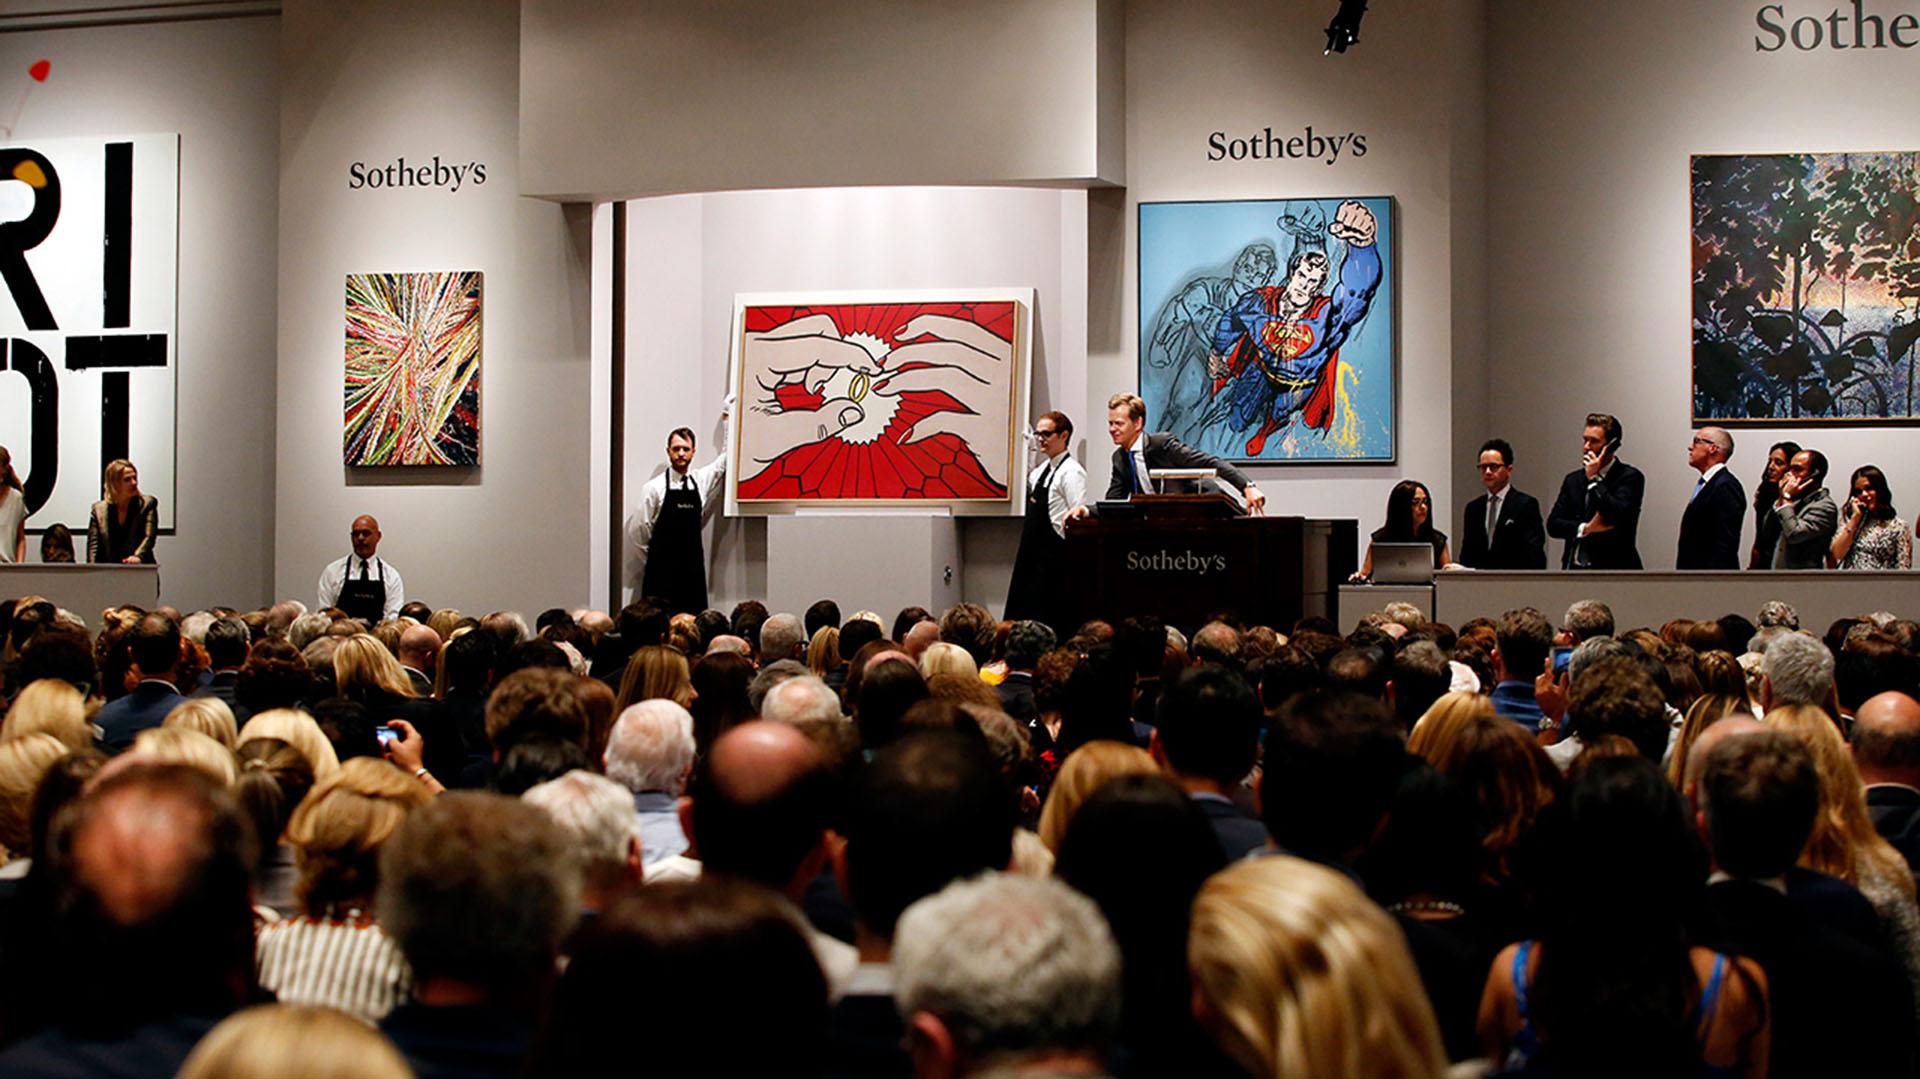 Sotheby's es una casa de subastas, mayoritariamente de obras de arte y demás objetos coleccionables, fundada en el Reino Unido